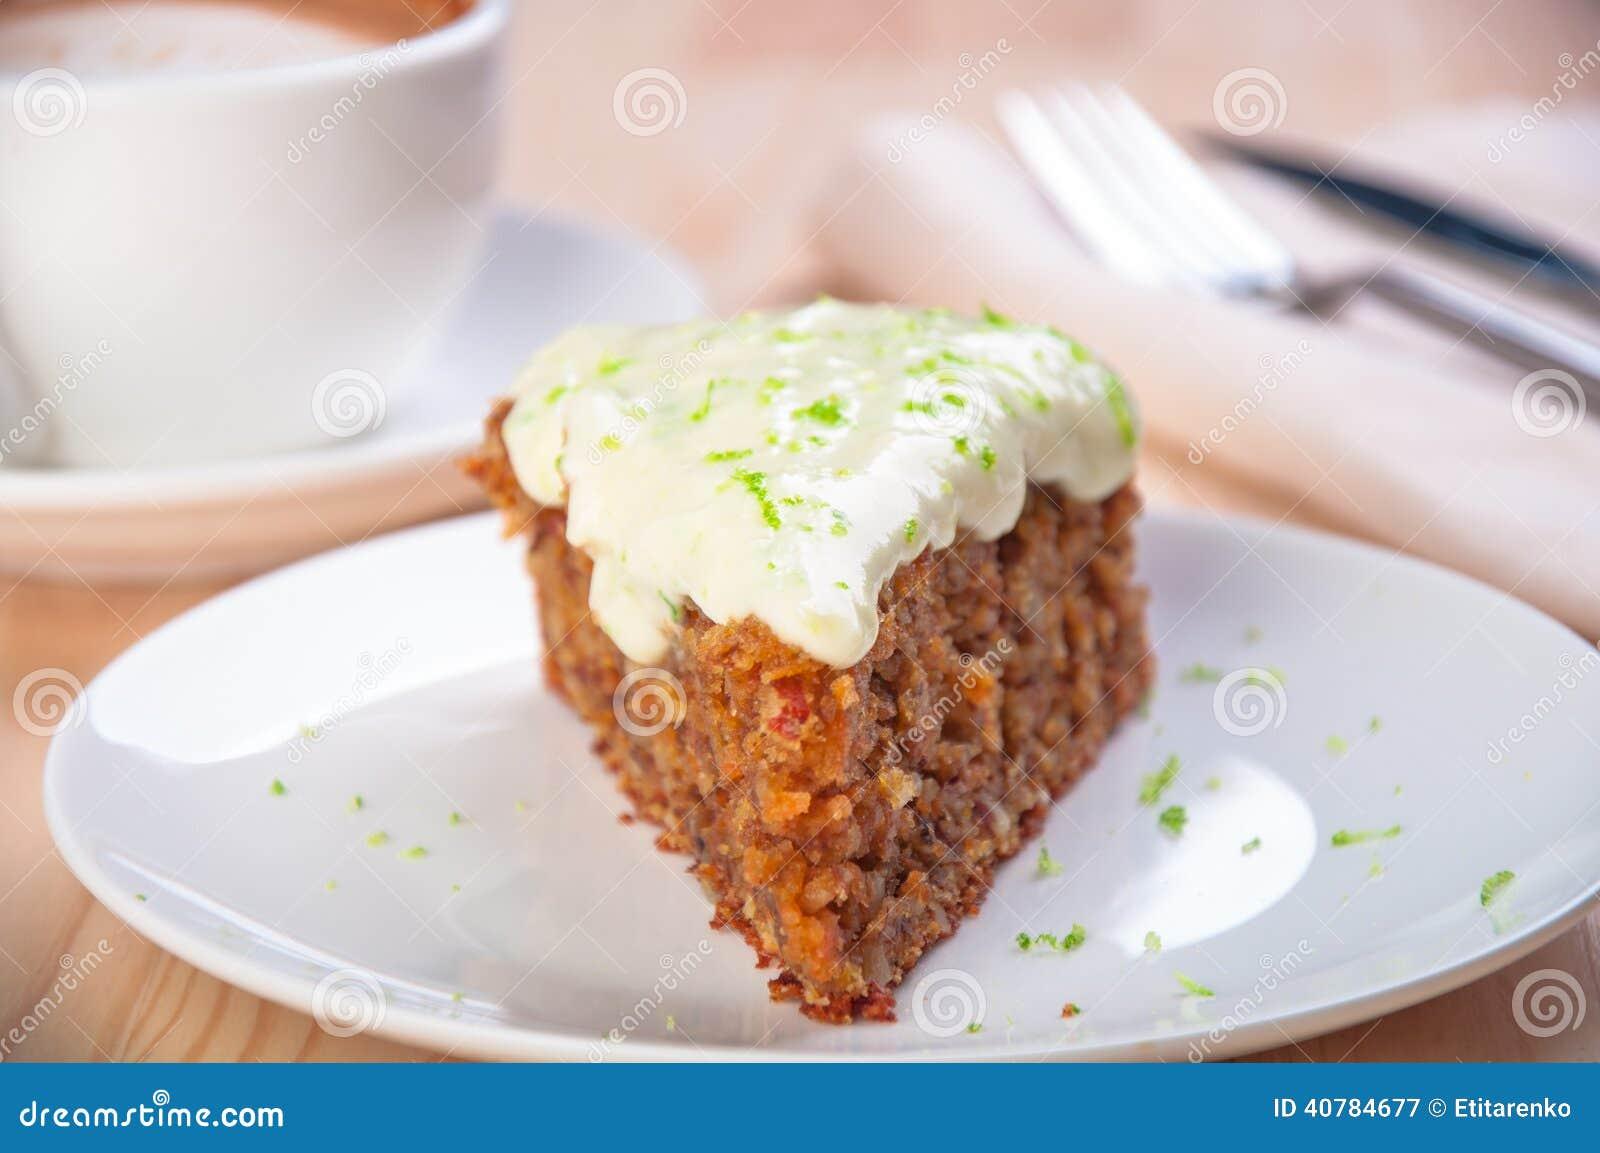 Homemade carrot cake dessert on the white plate